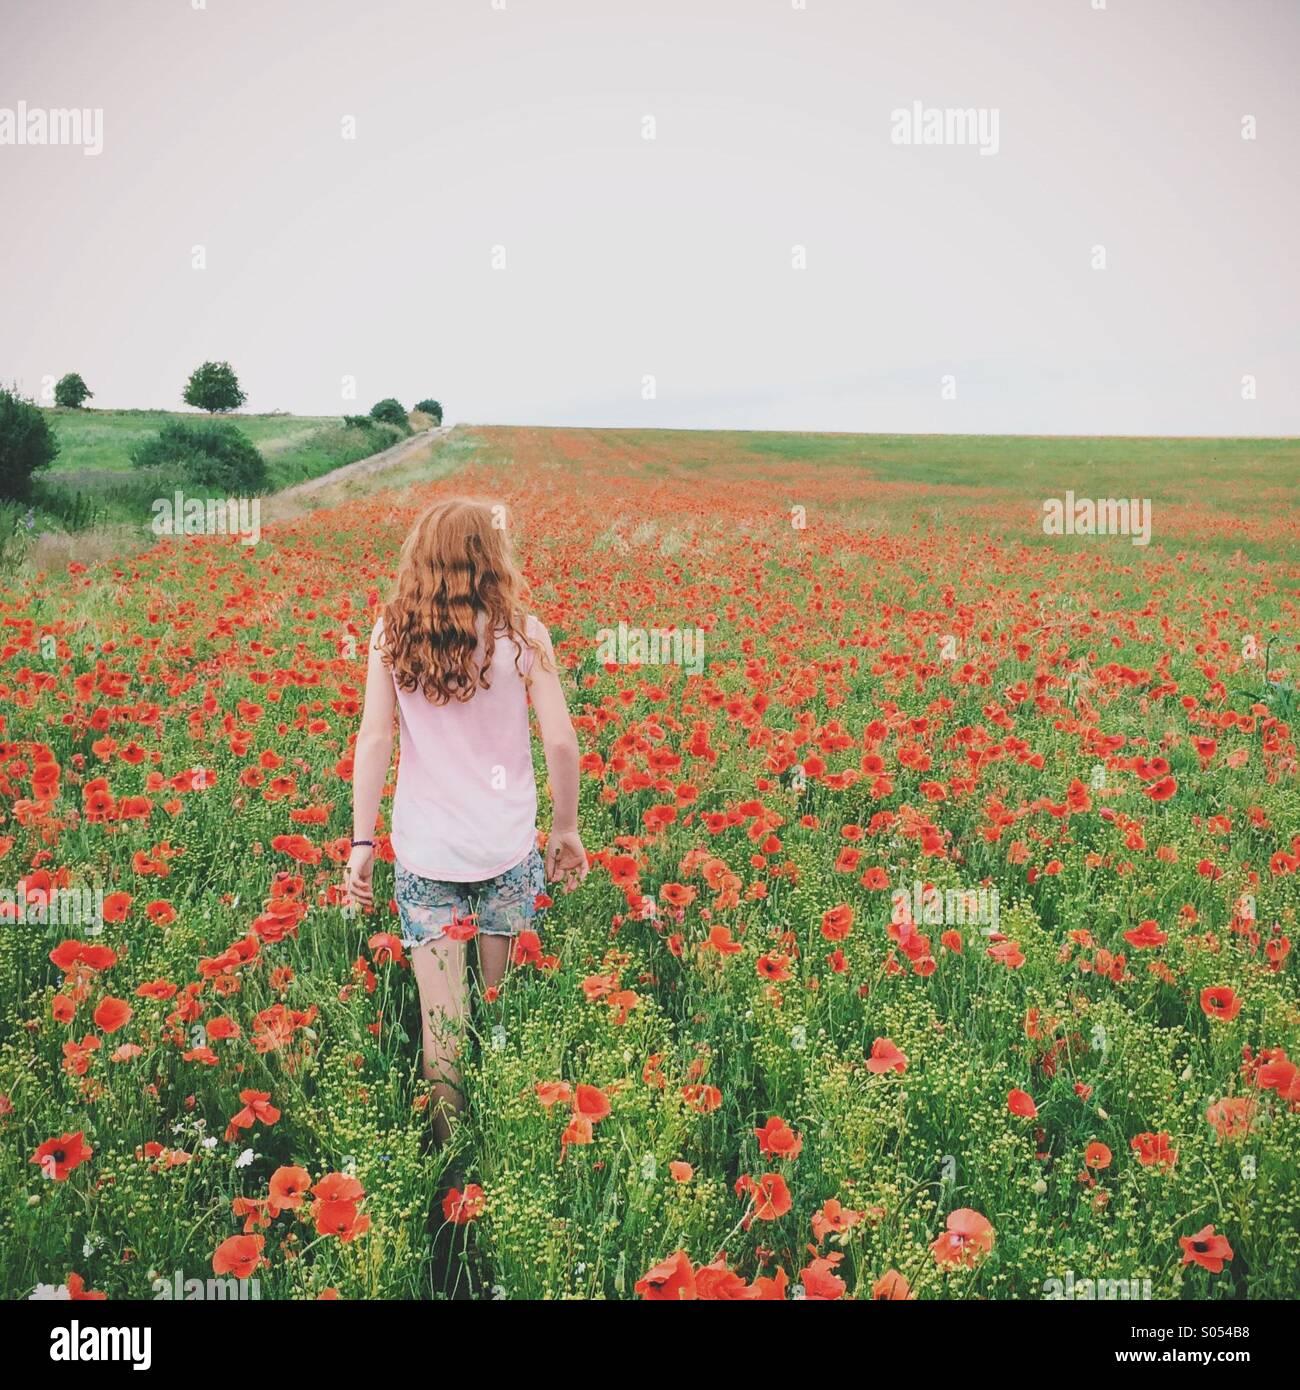 Ragazza in un campo di semi di papavero Immagini Stock